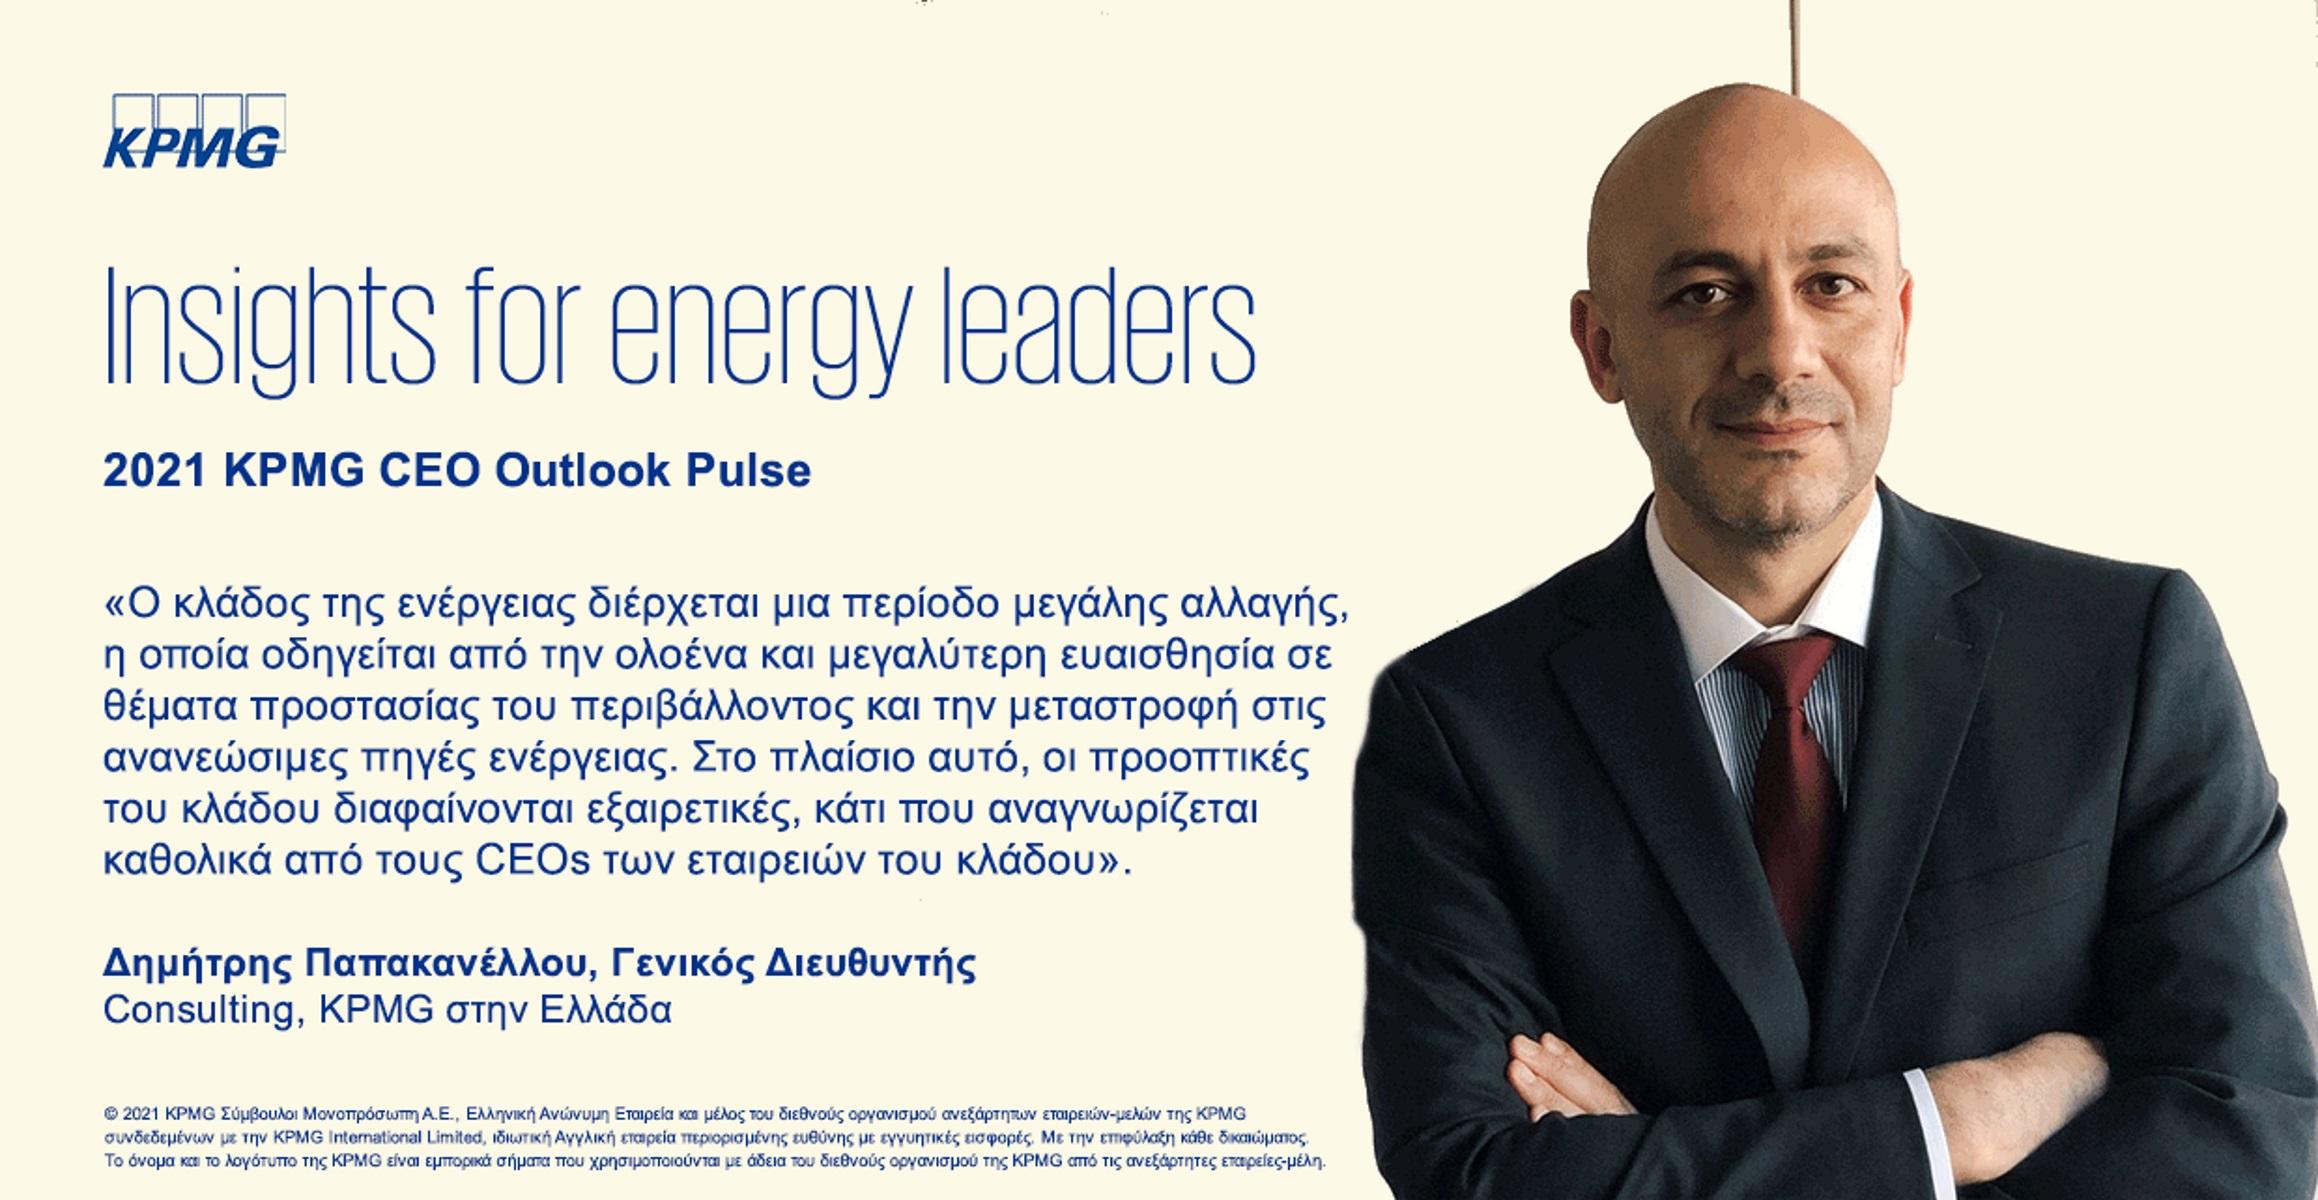 Έρευνα: Στο τέλος του 2021 βλέπει επιστροφή στην ομαλότητα 1 στα 3 στελέχη ενεργειακών επιχειρήσεων